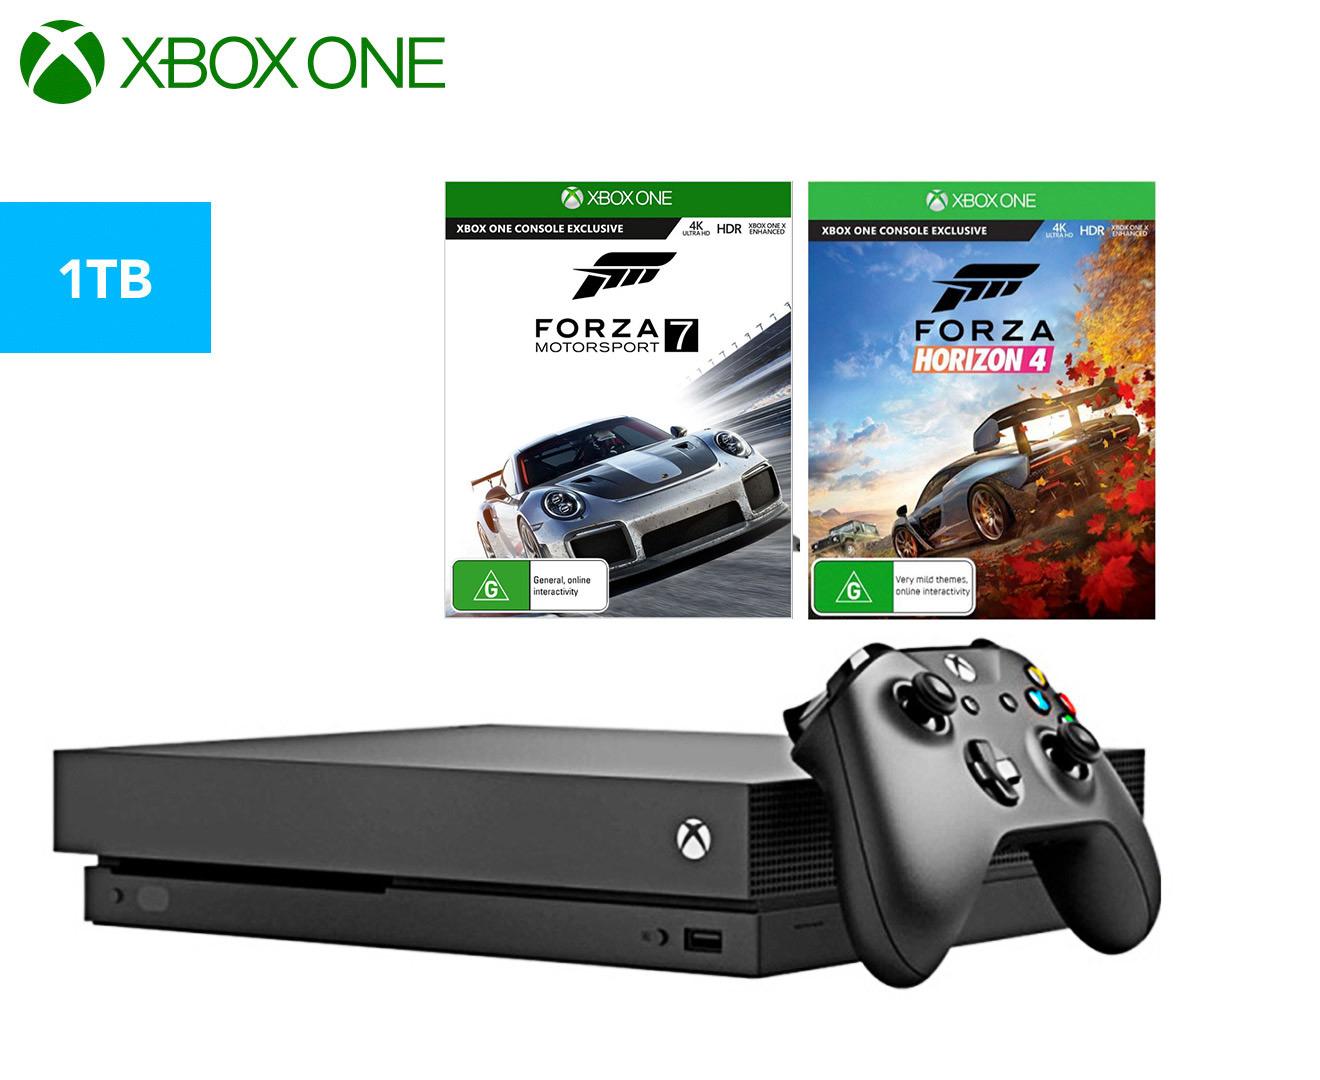 Microsoft Xbox One X 1TB Console w/ Forza Horizon 4 +